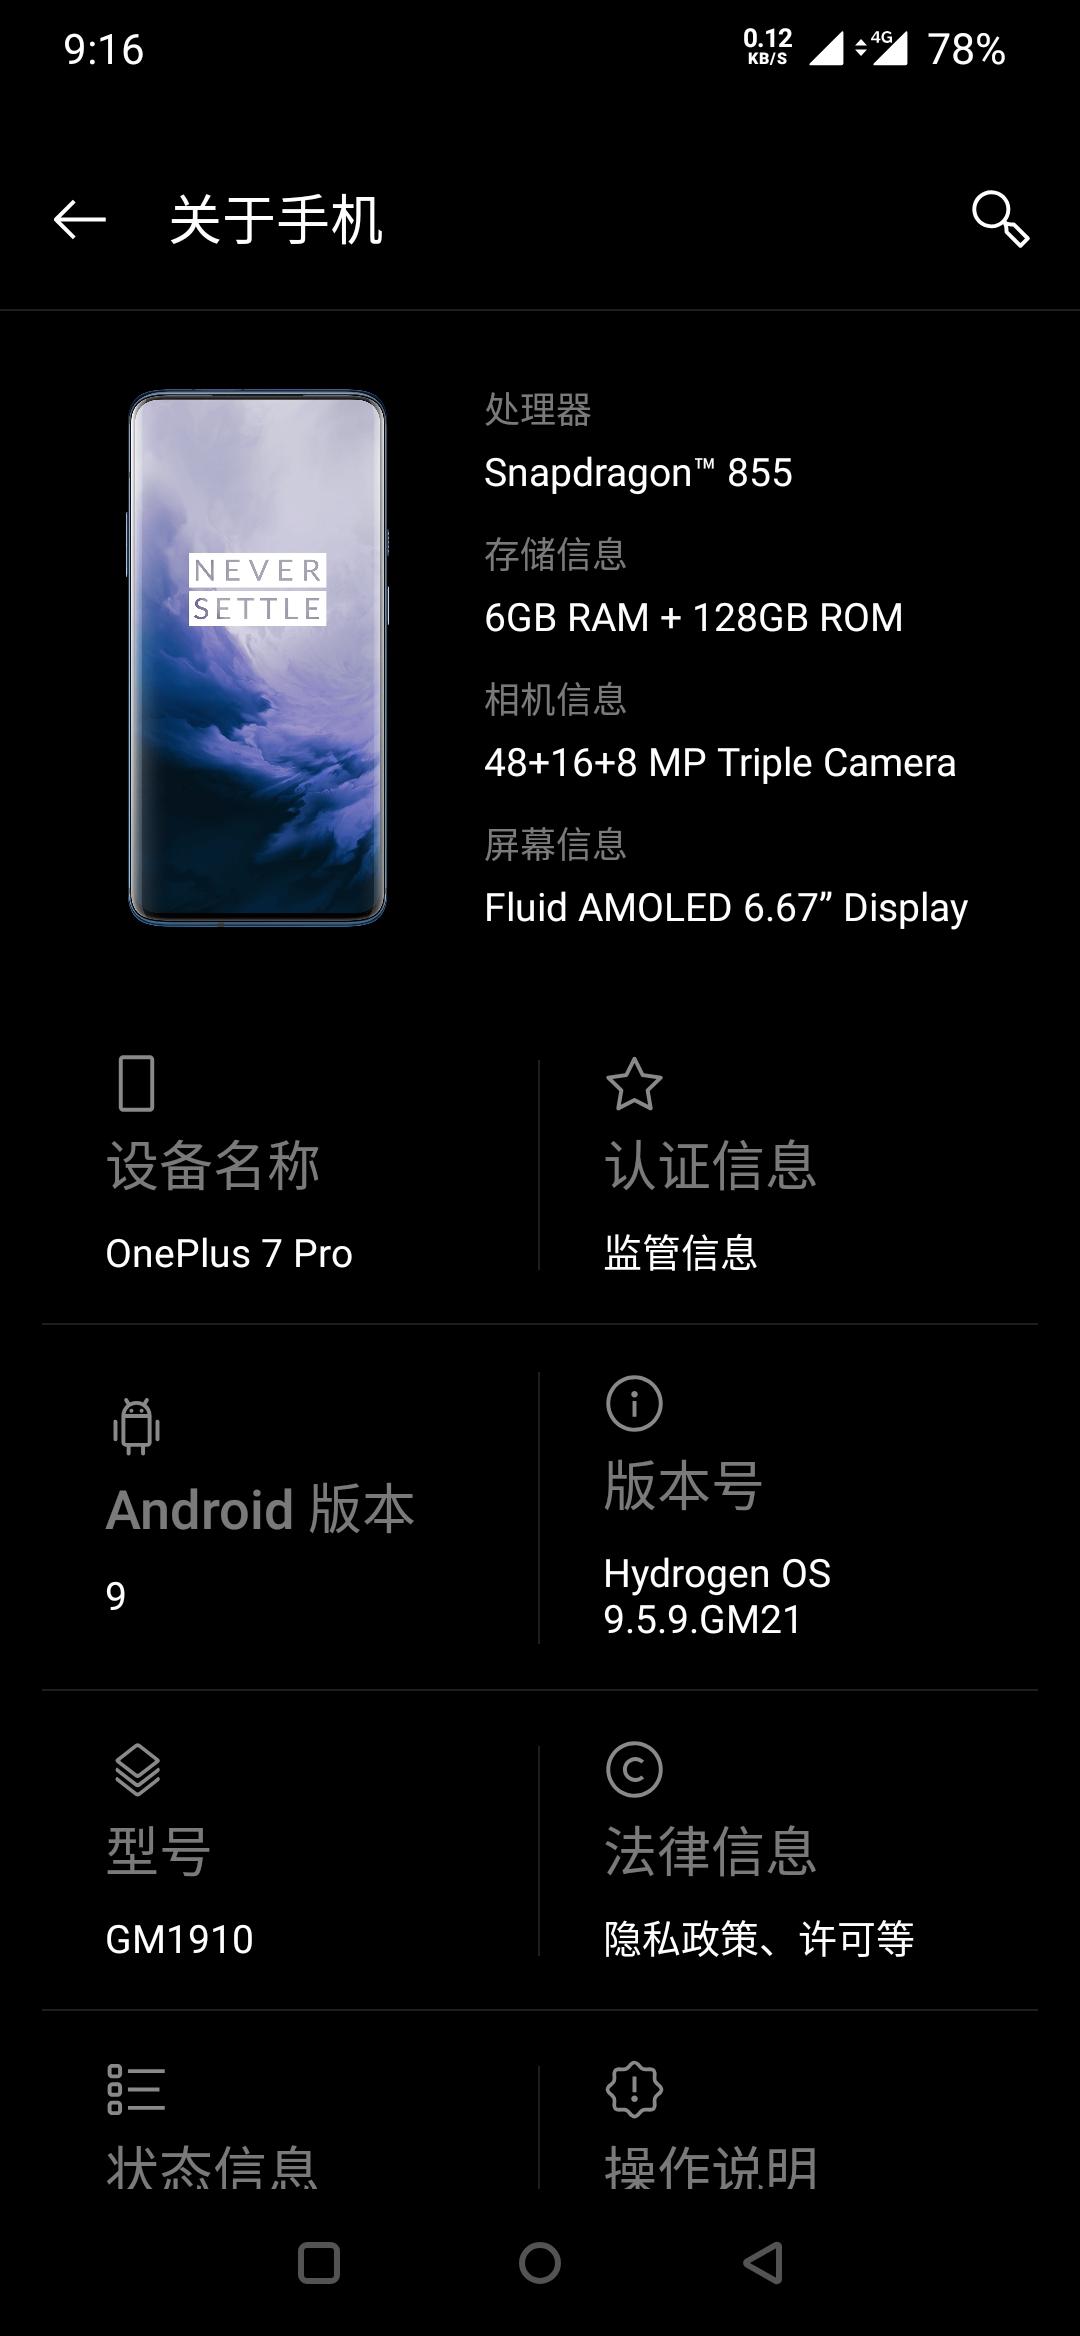 Screenshot_20191003-091611.jpg